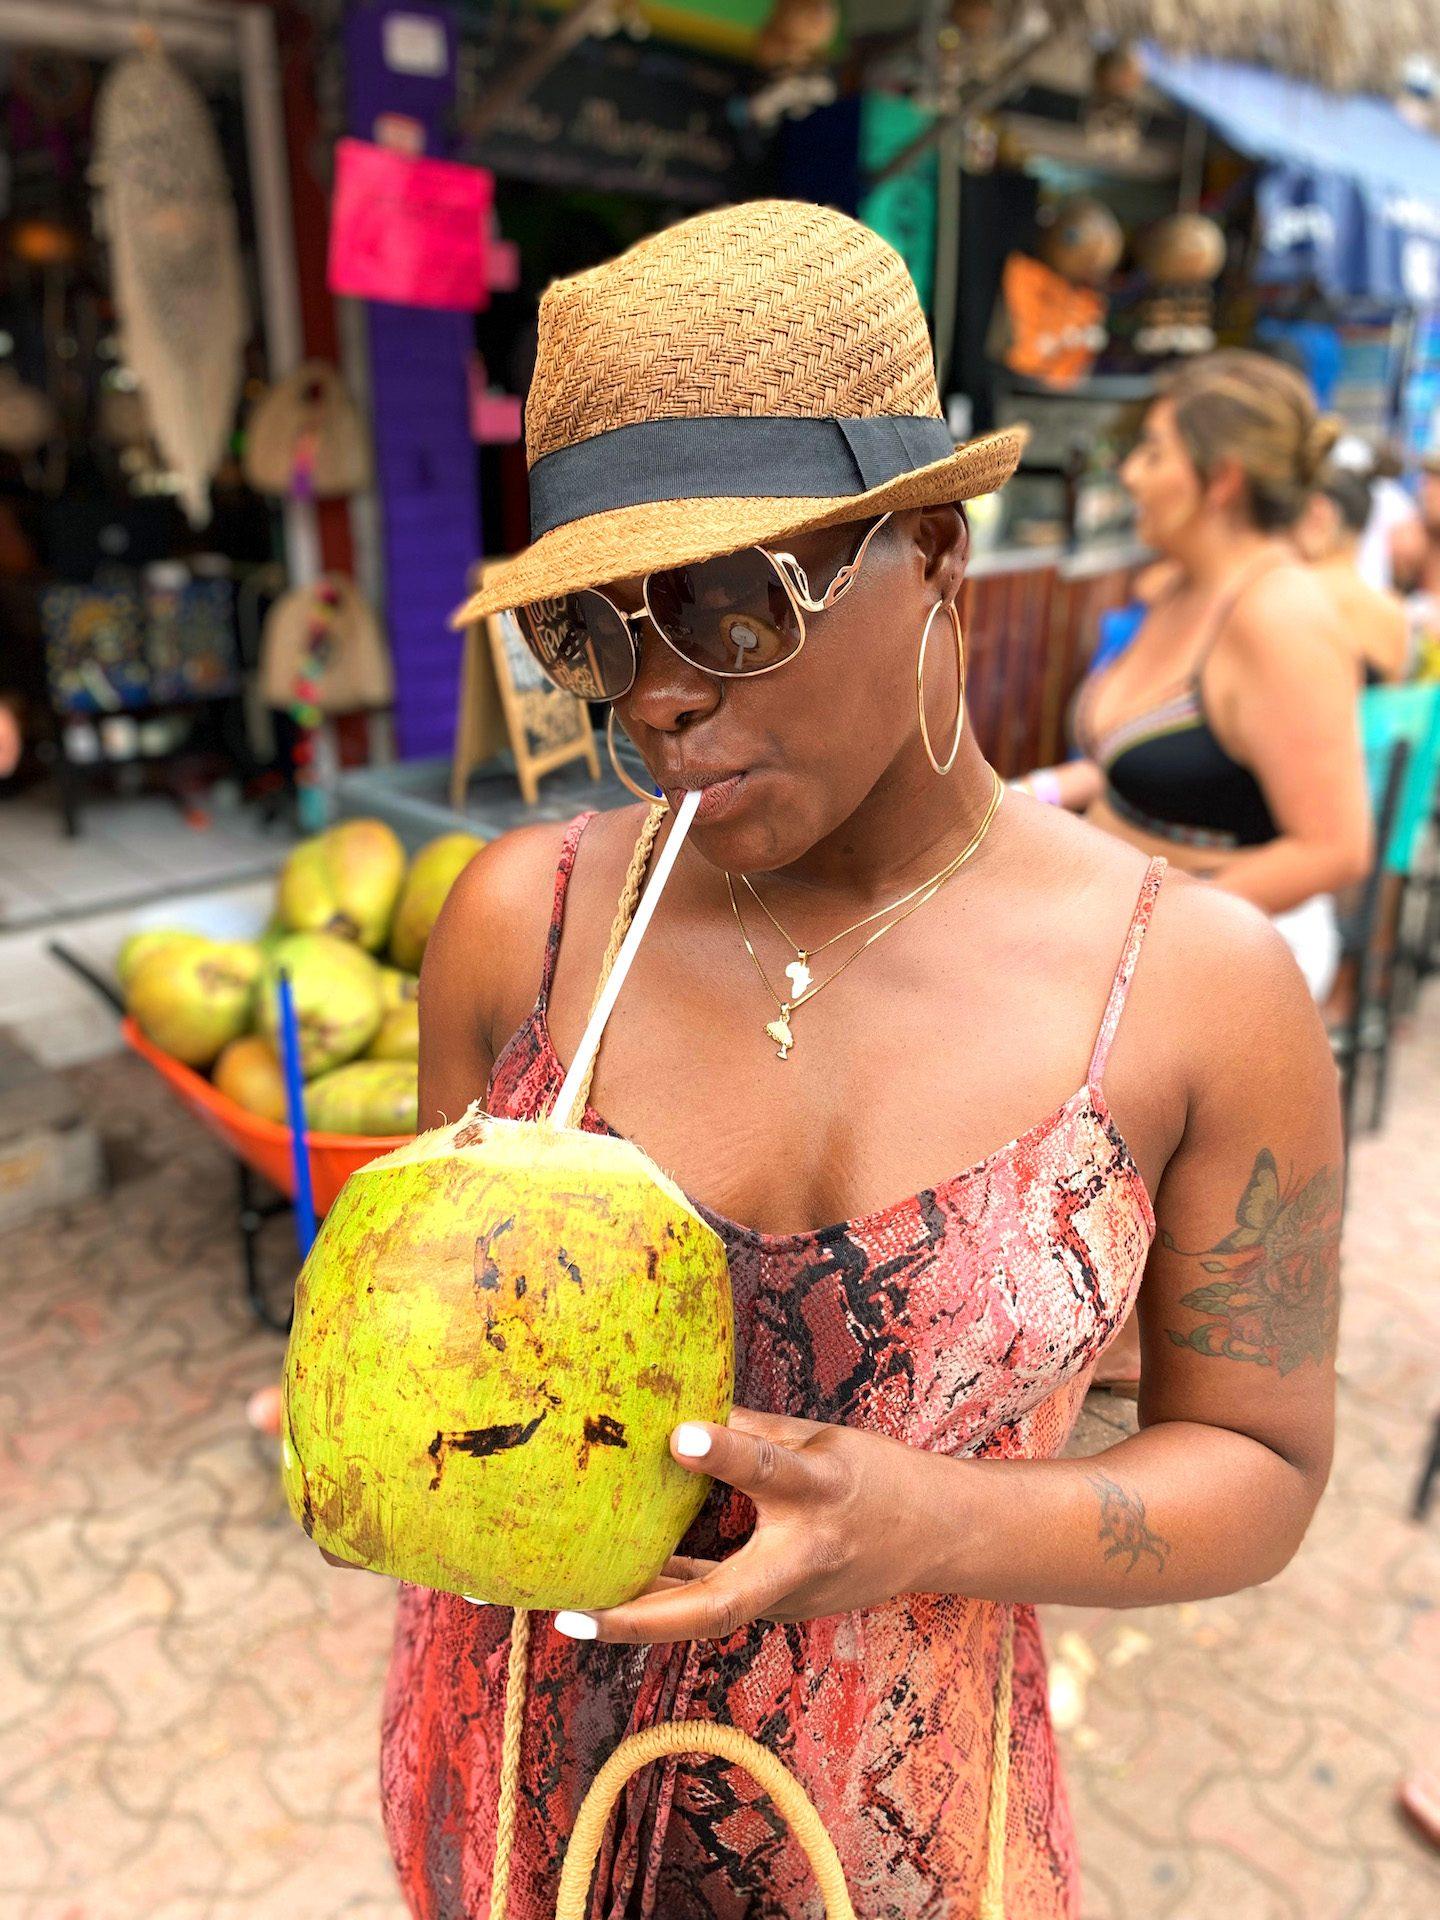 La Quinta Avenida Coconut